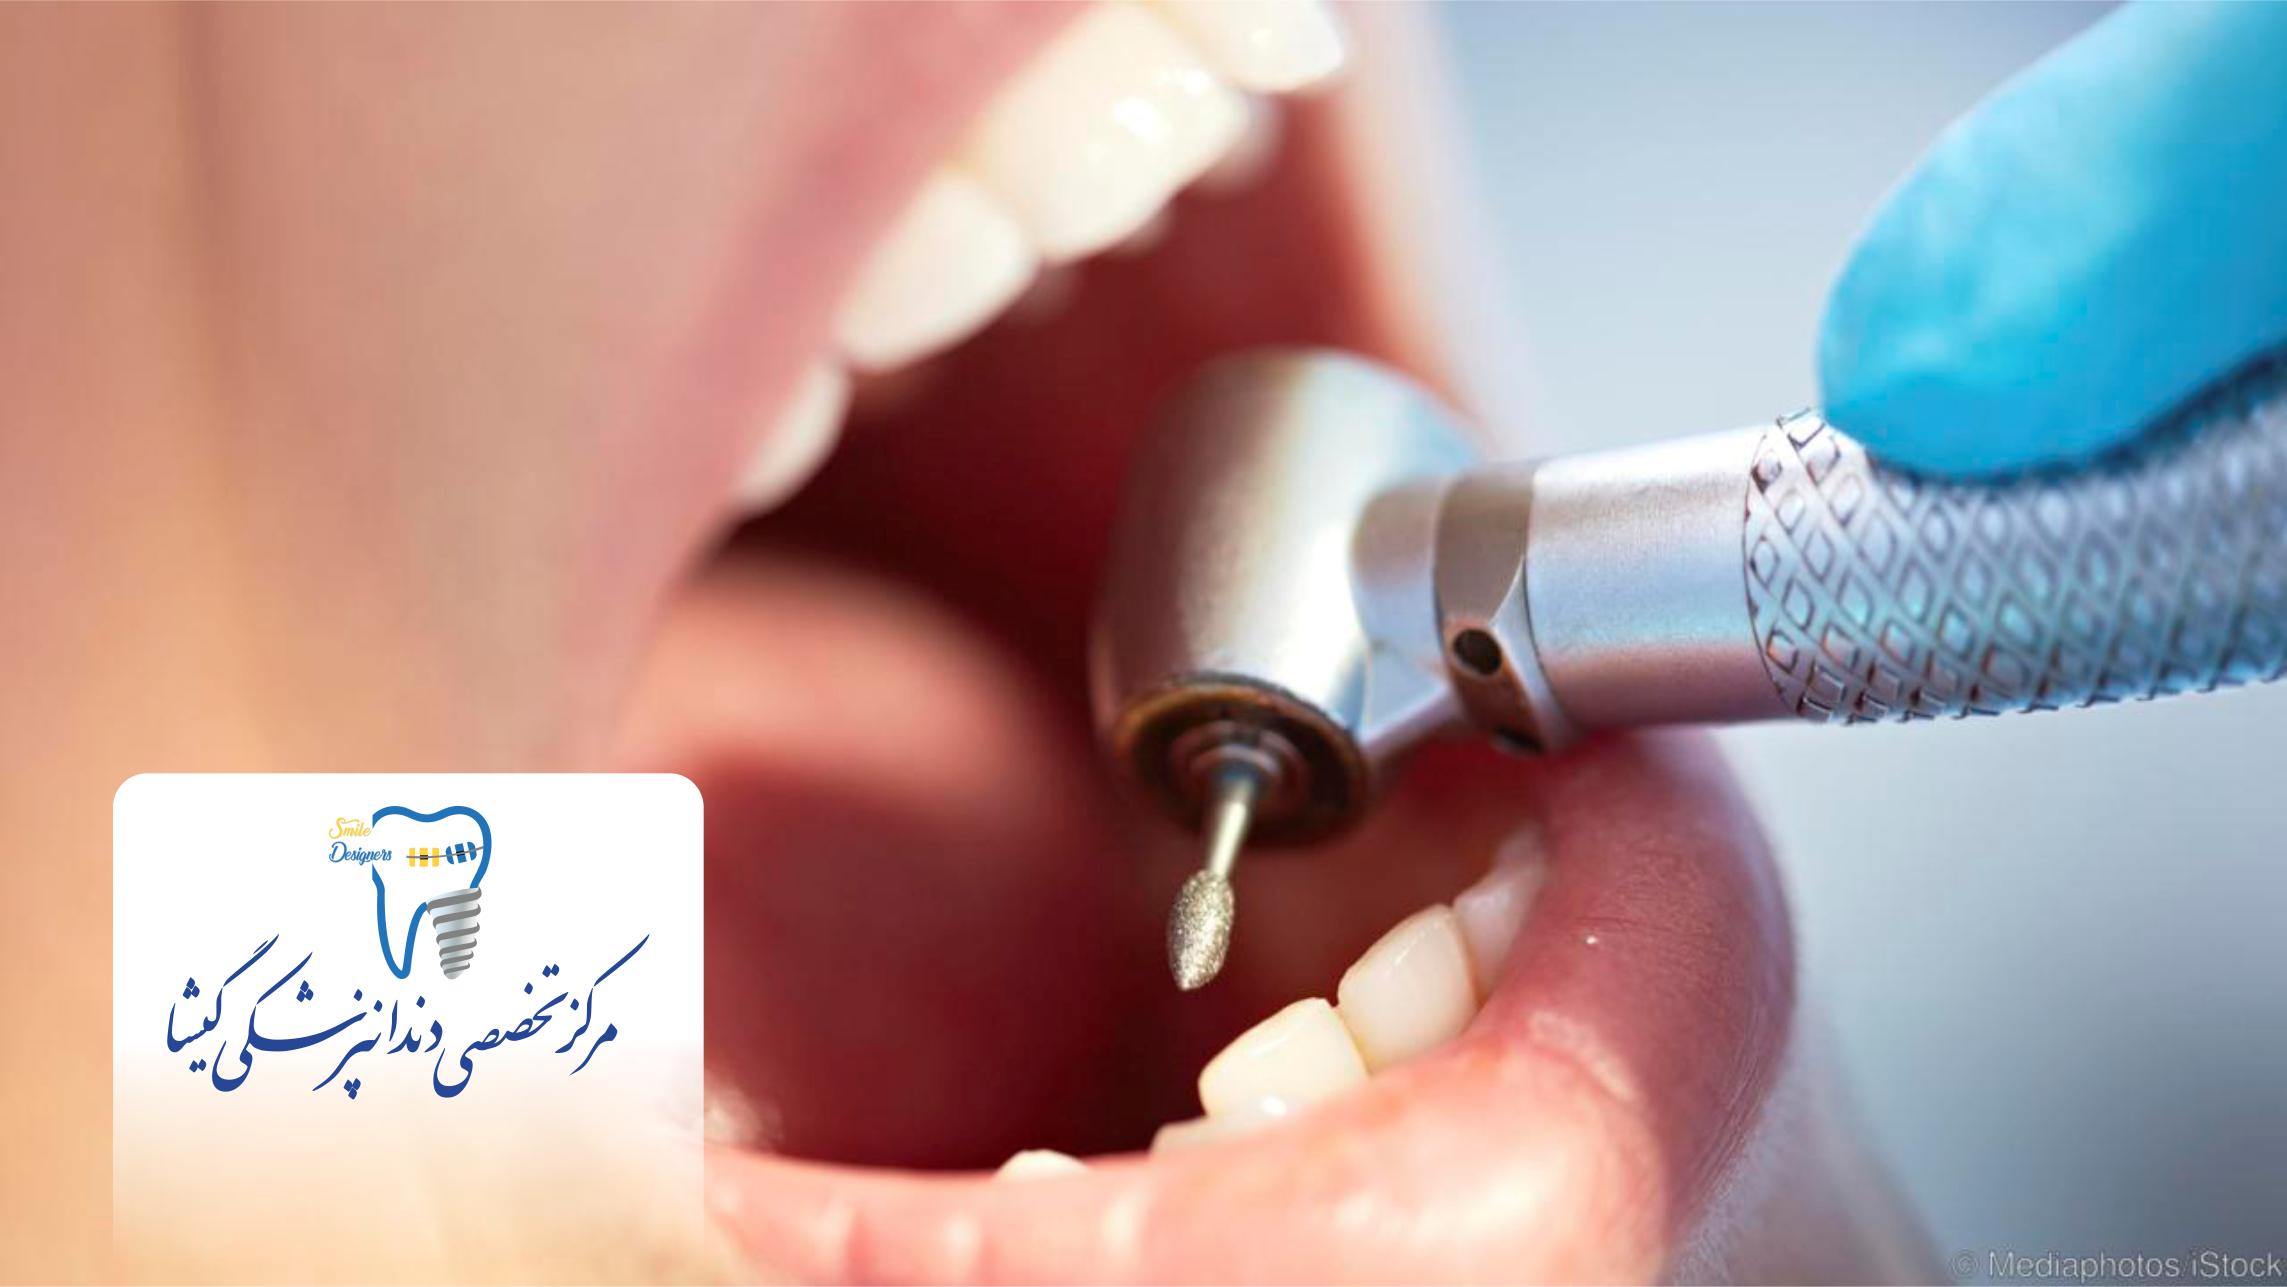 استفاده از بهترین تجهیزات در کلینیک دندانپزشکی گیشا